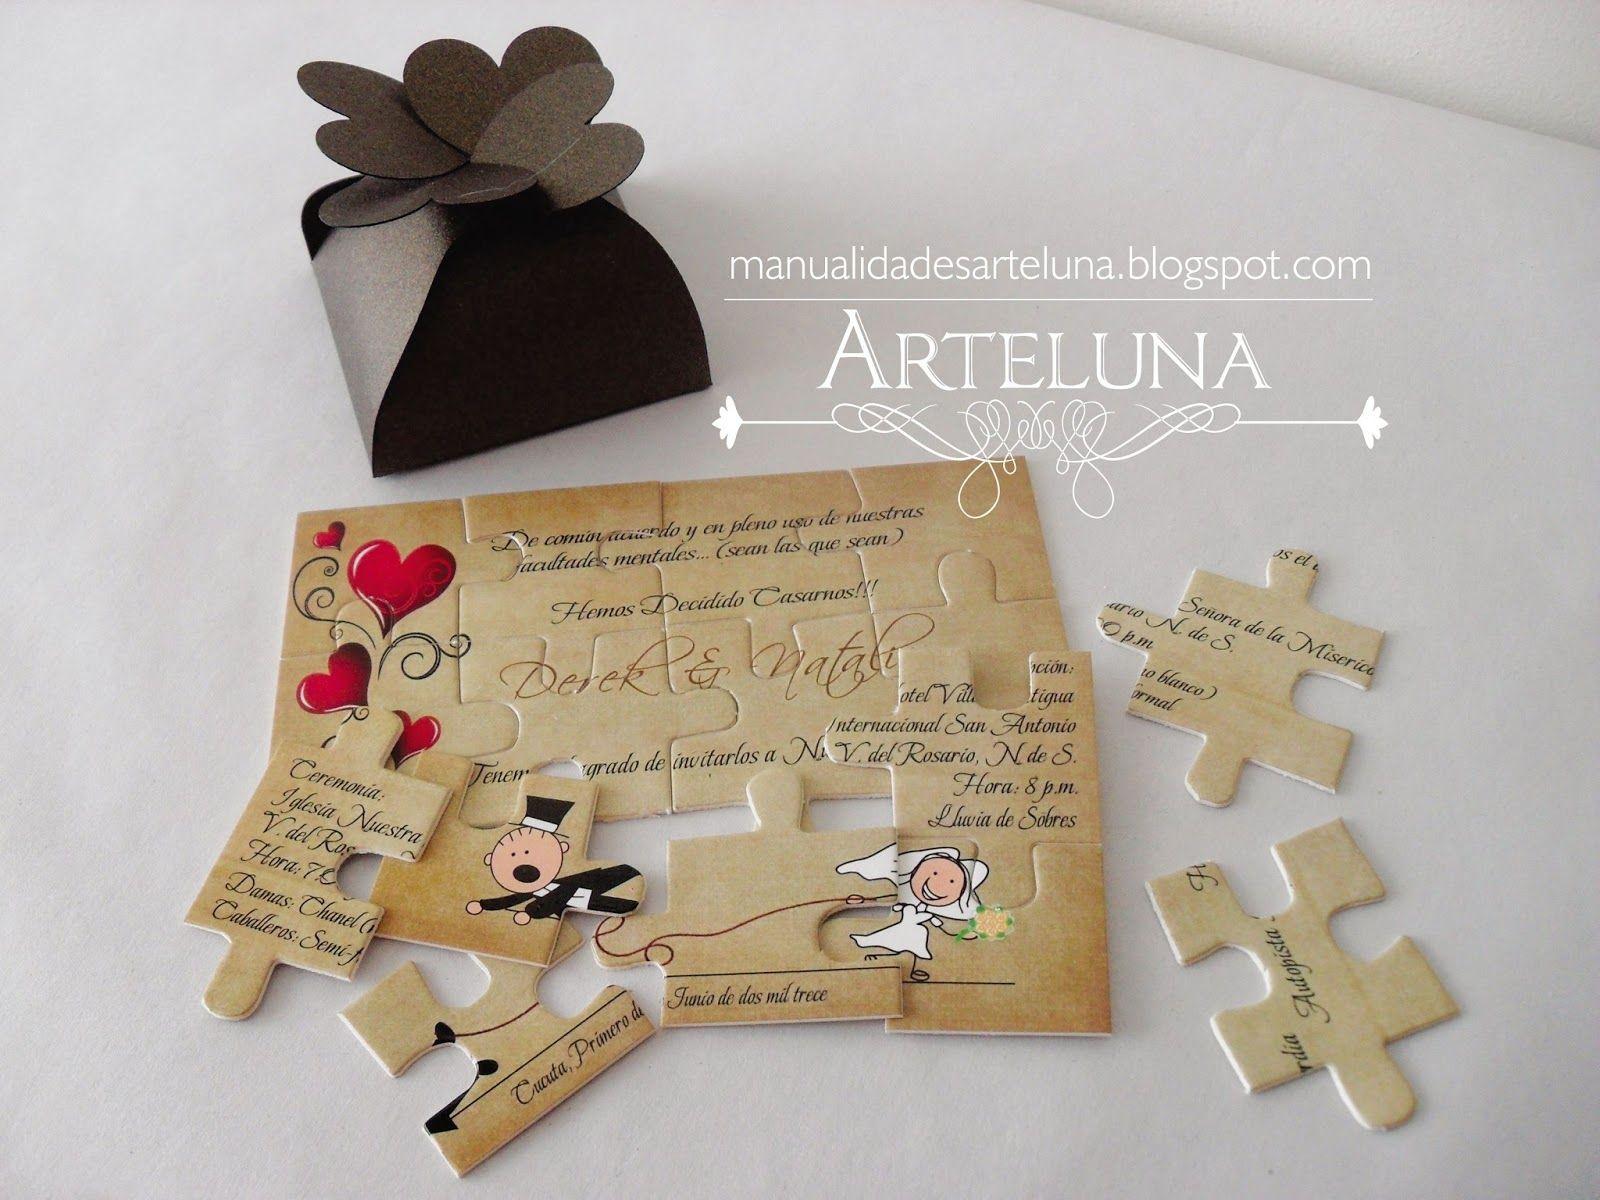 Arte luna tarjeta de matrimonio rompecabezas boda - Tarjeta de boda ...